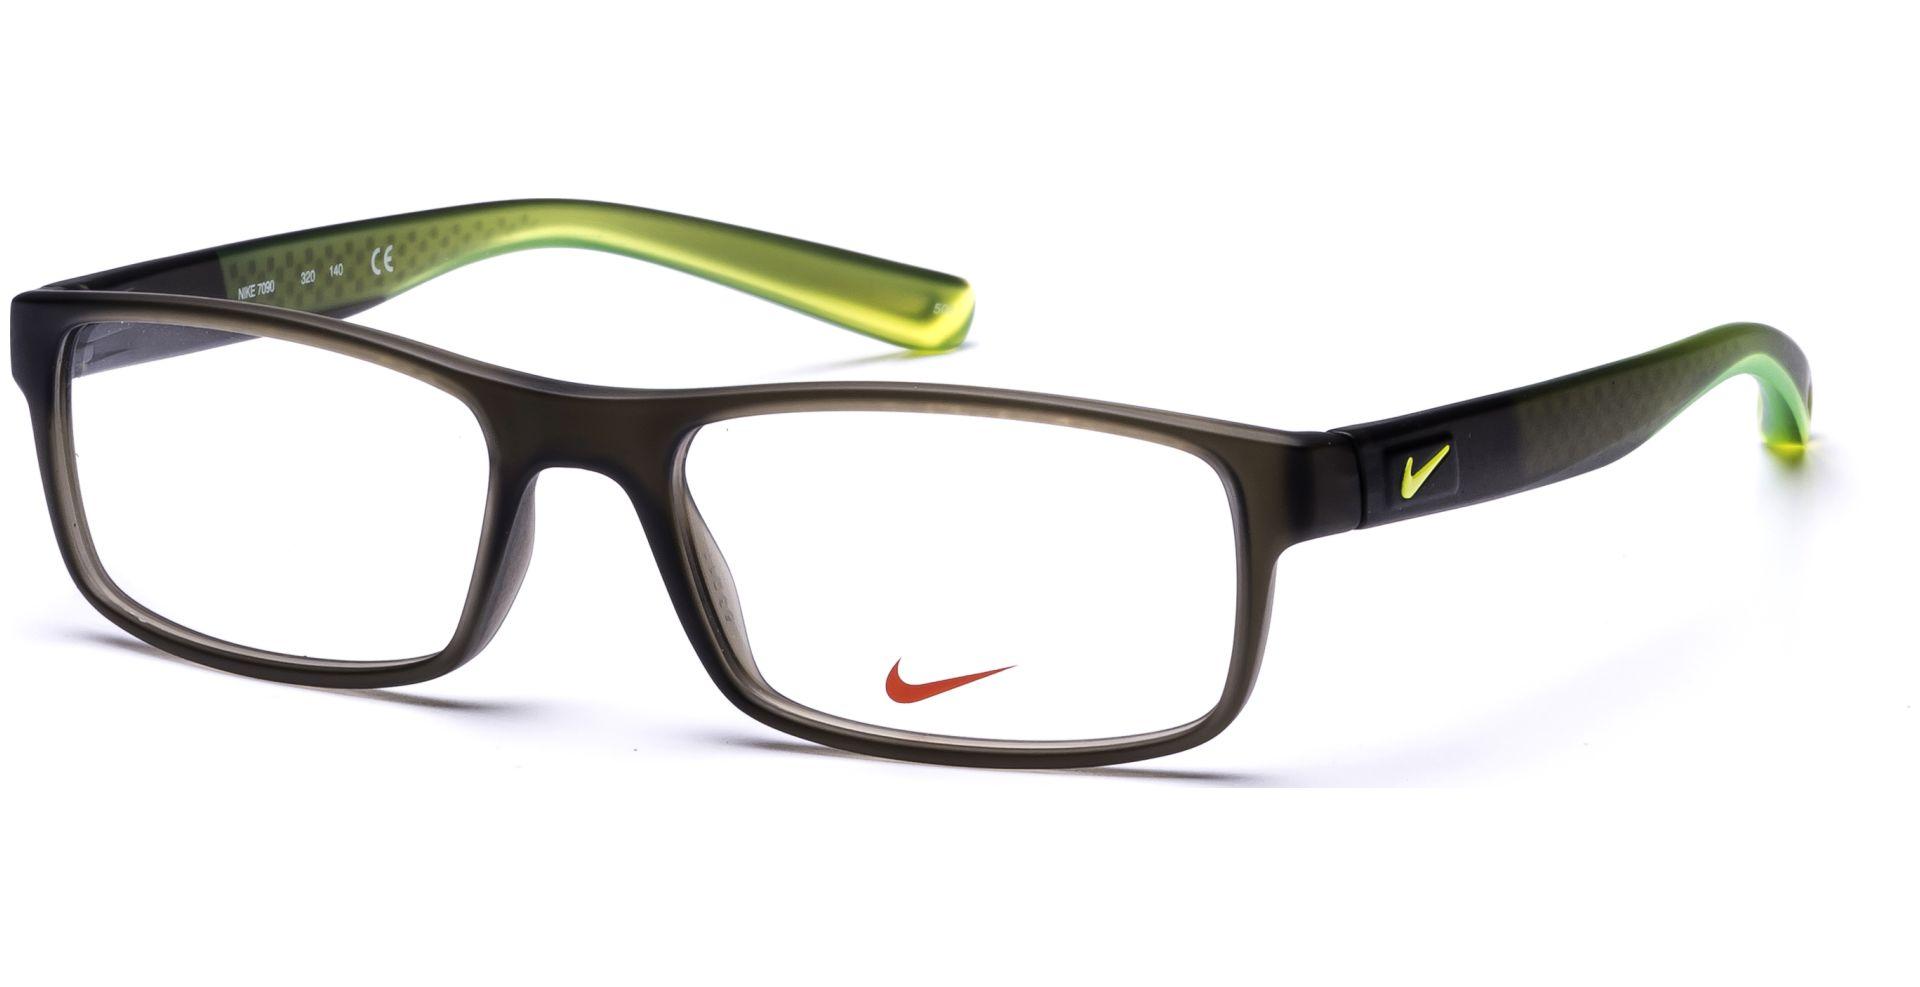 Nike - 7090 320 5317 MAT CRYSTAL CARGO KHA/CRYS VT - von Lensbest